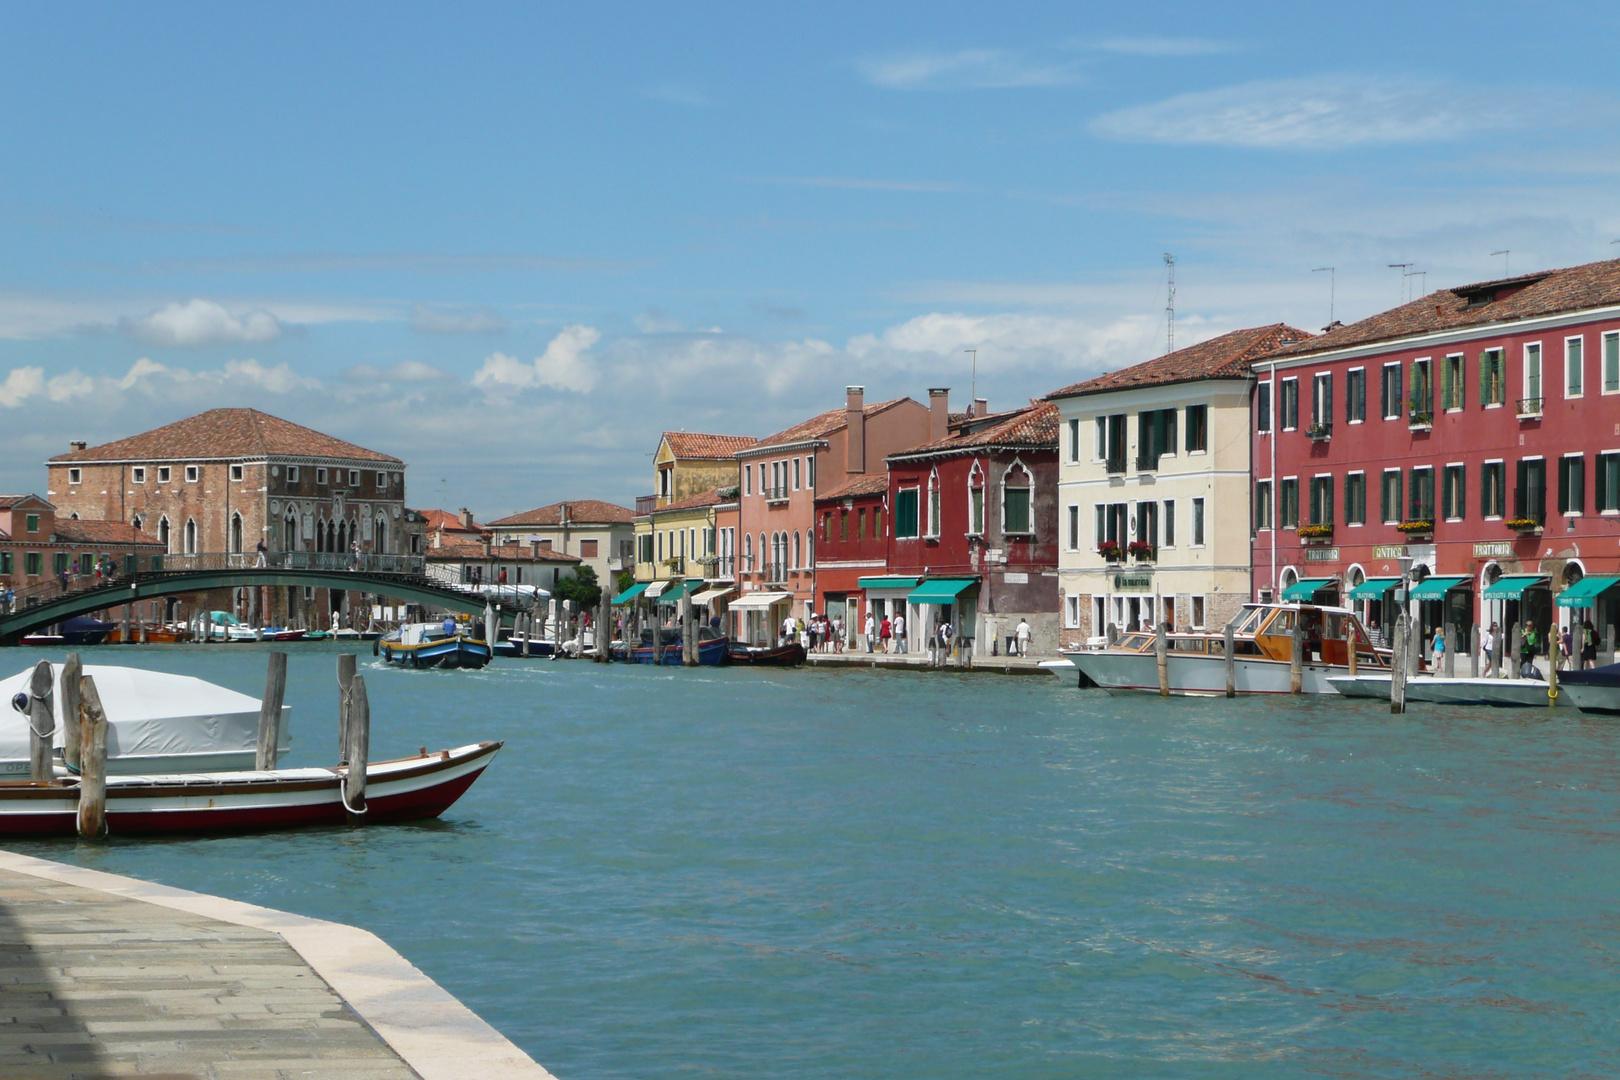 Venedig etwas abseits der Touristenattraktionen